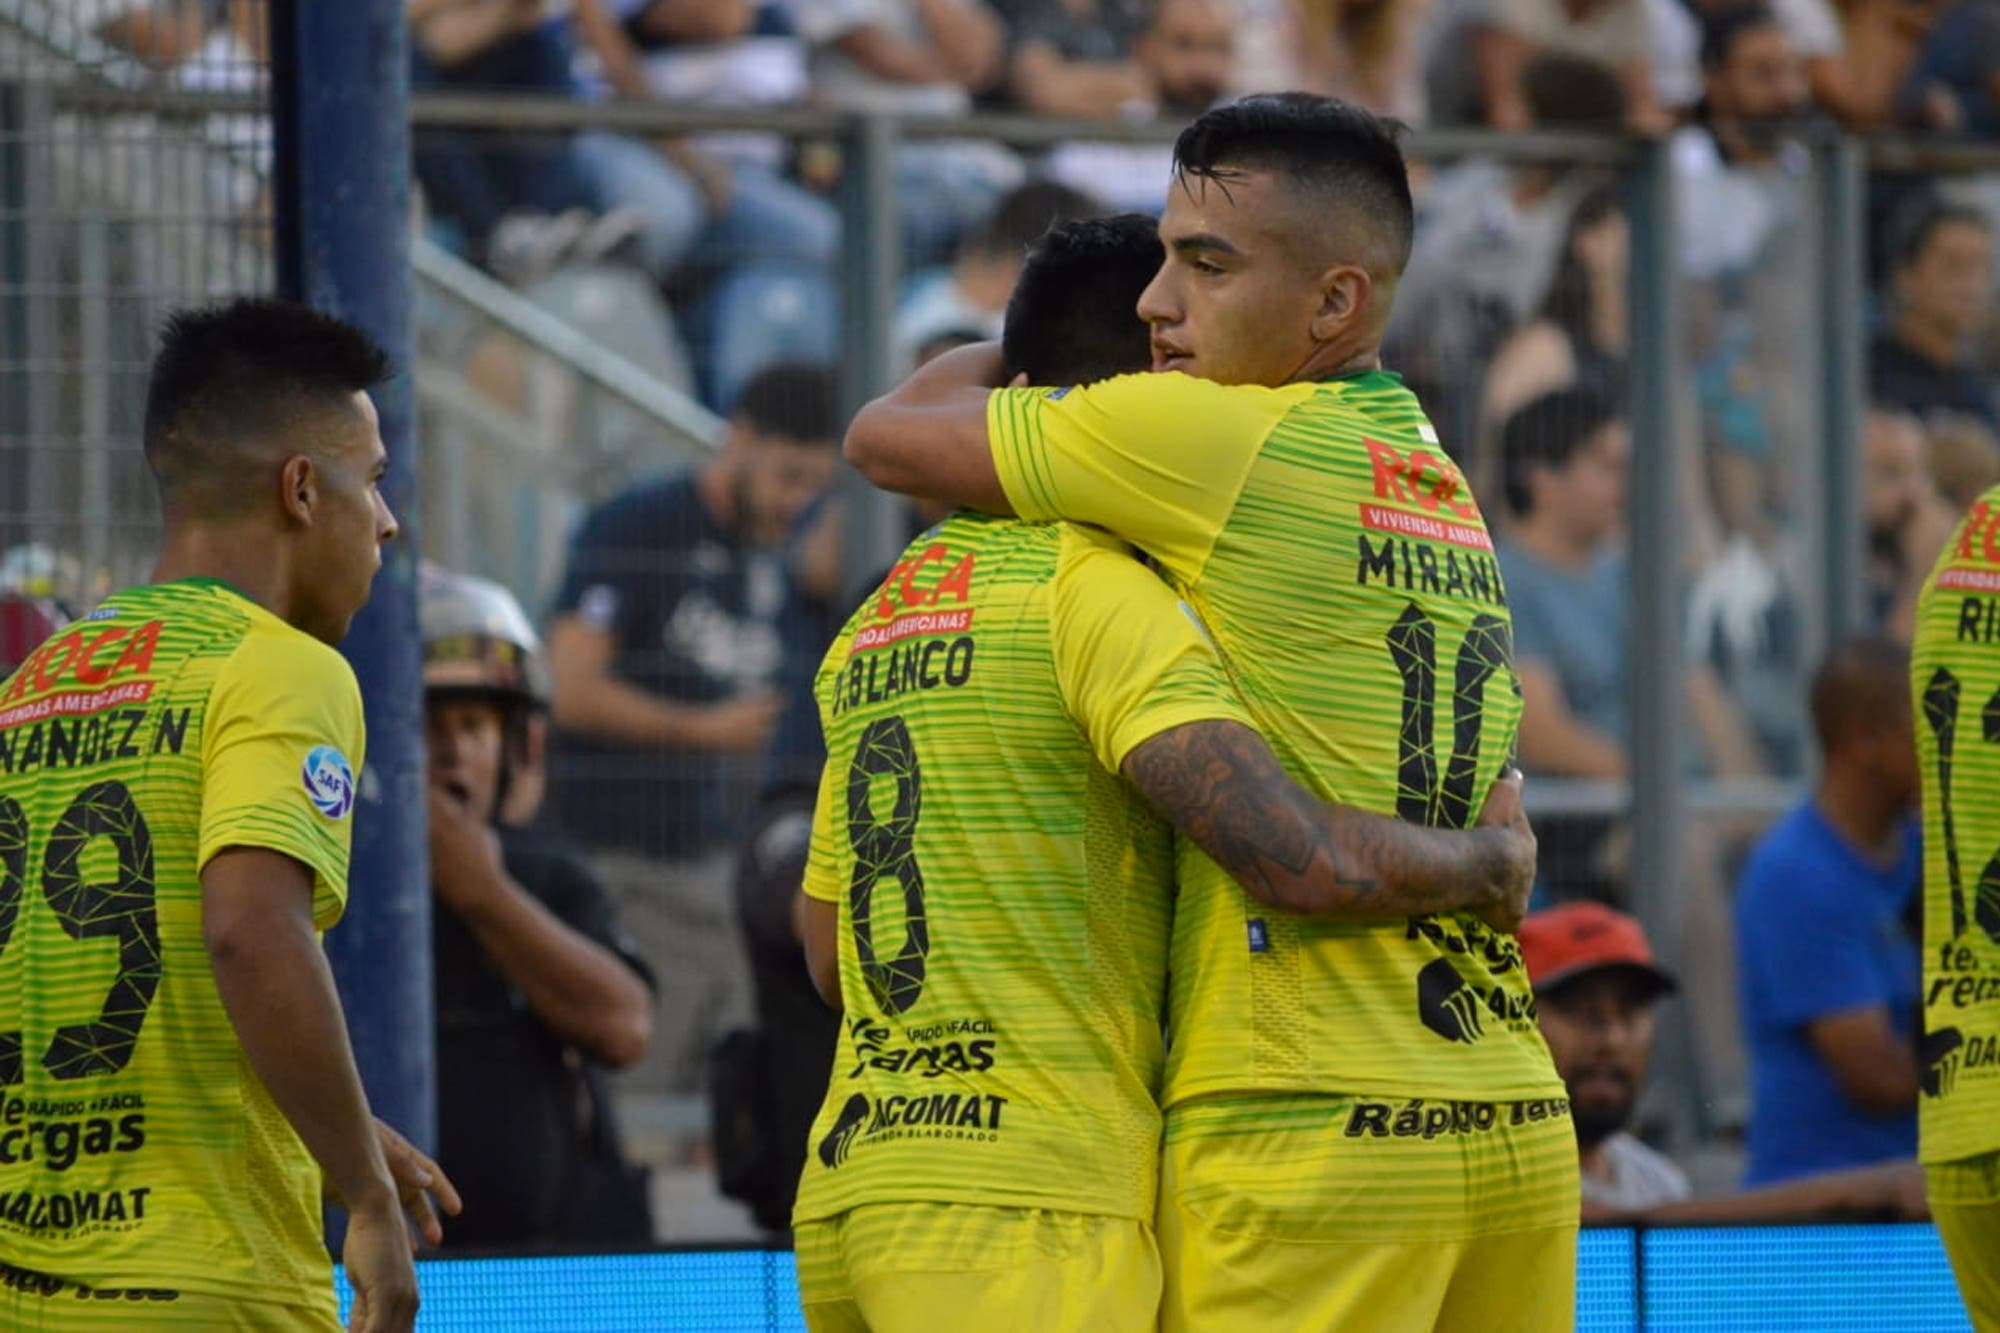 Gimnasia-Defensa y Justicia, Superliga: en un partido con incidentes, el Halcón gana y es el único puntero